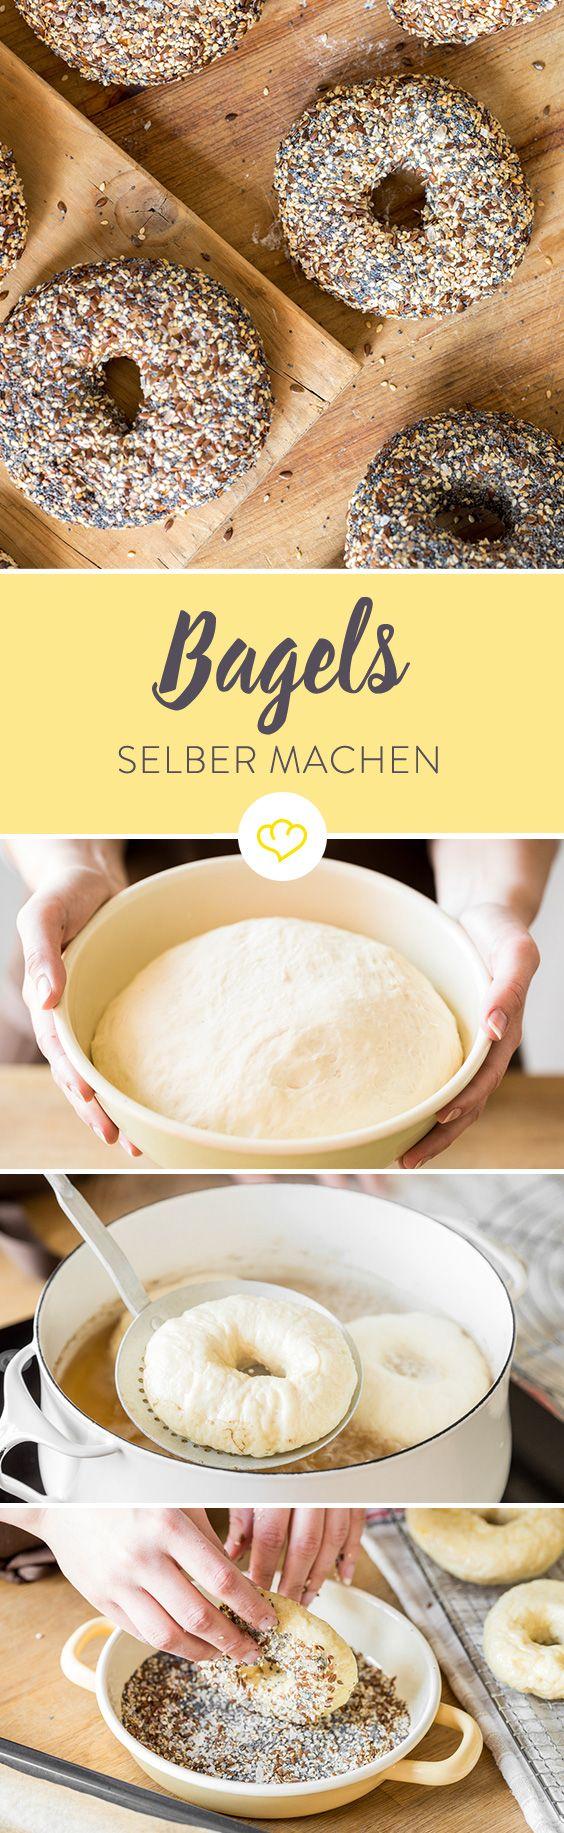 Der köstliche Kreis des Lebens – Bagels selber machen